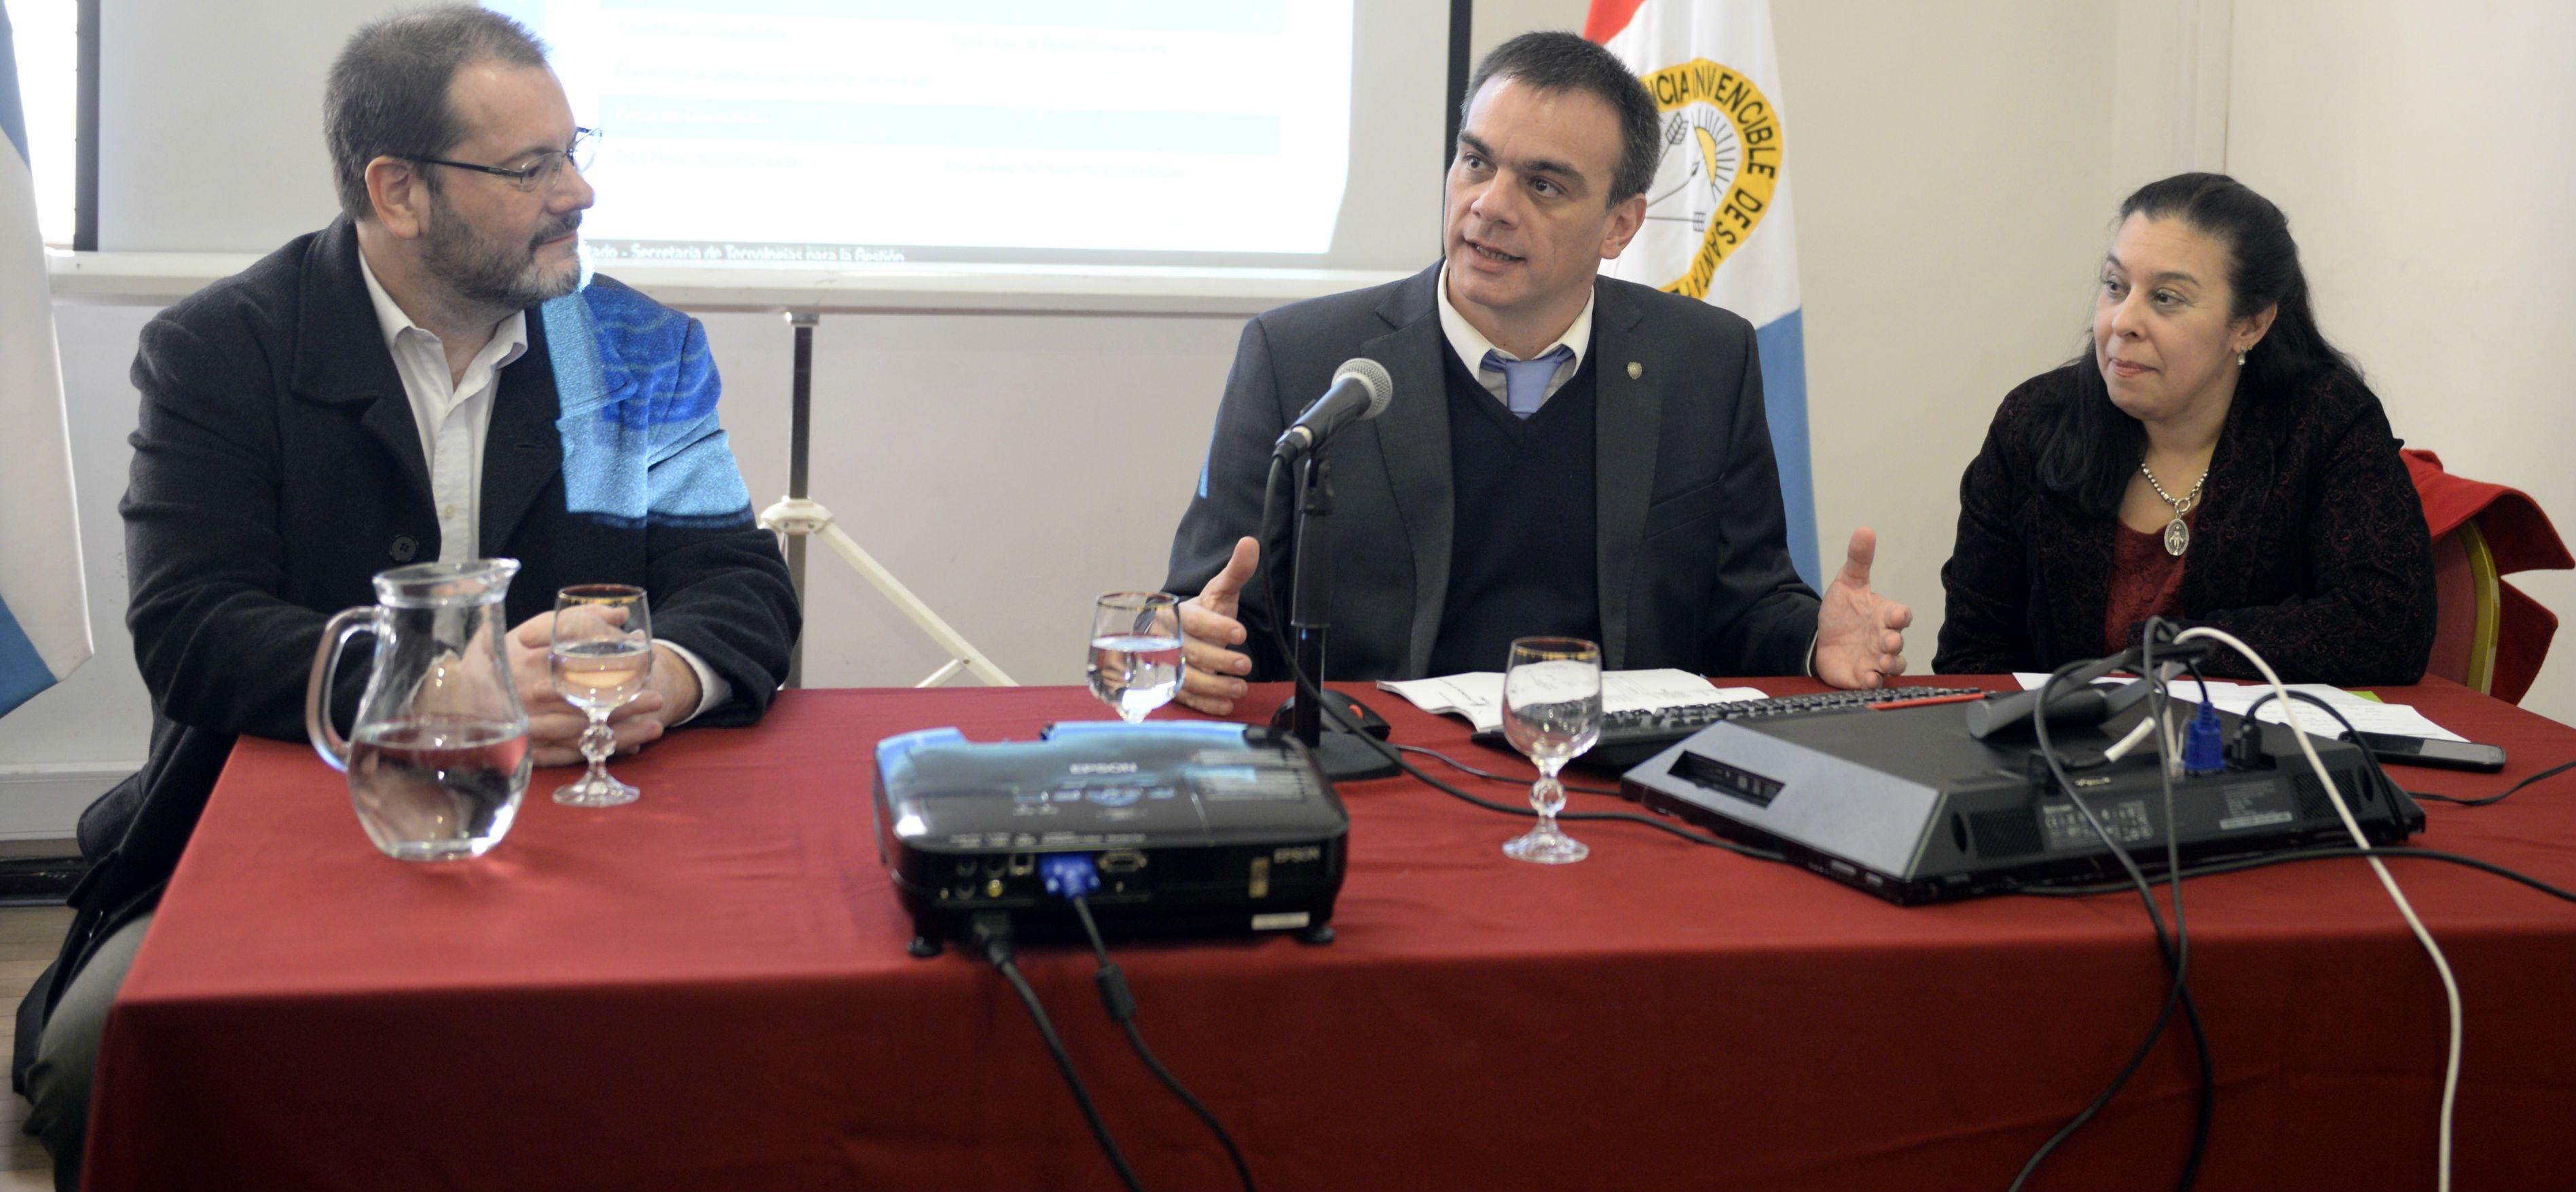 El ministro de Justicia Juan Lewis se mostró satisfecho con la capacitación de las autoriades de mesa en los comicios.